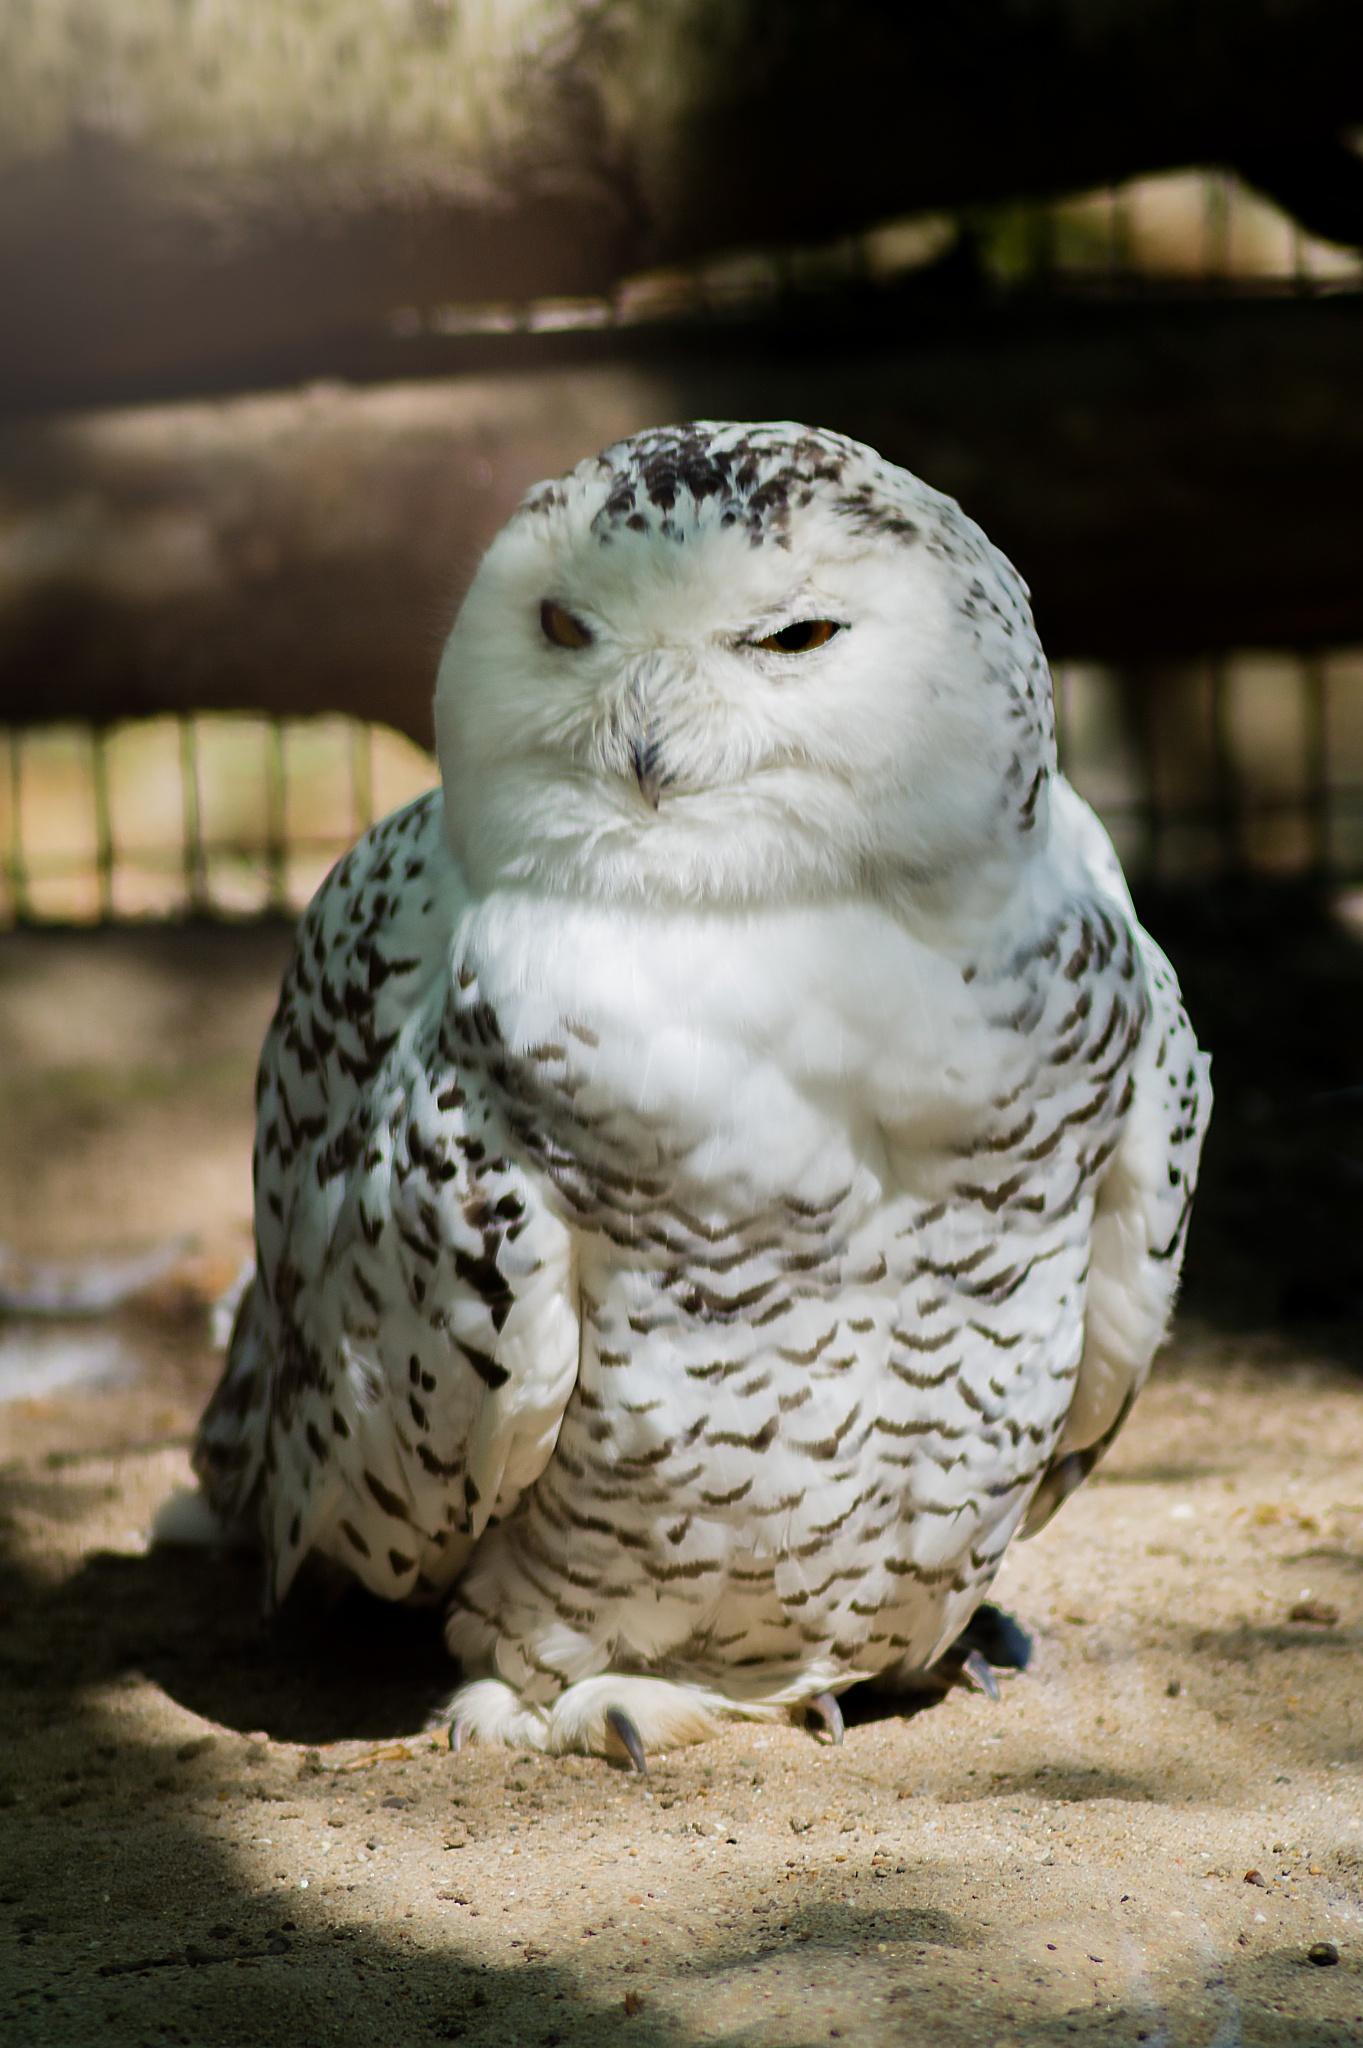 Snowy Owl by Mustafa Celebi